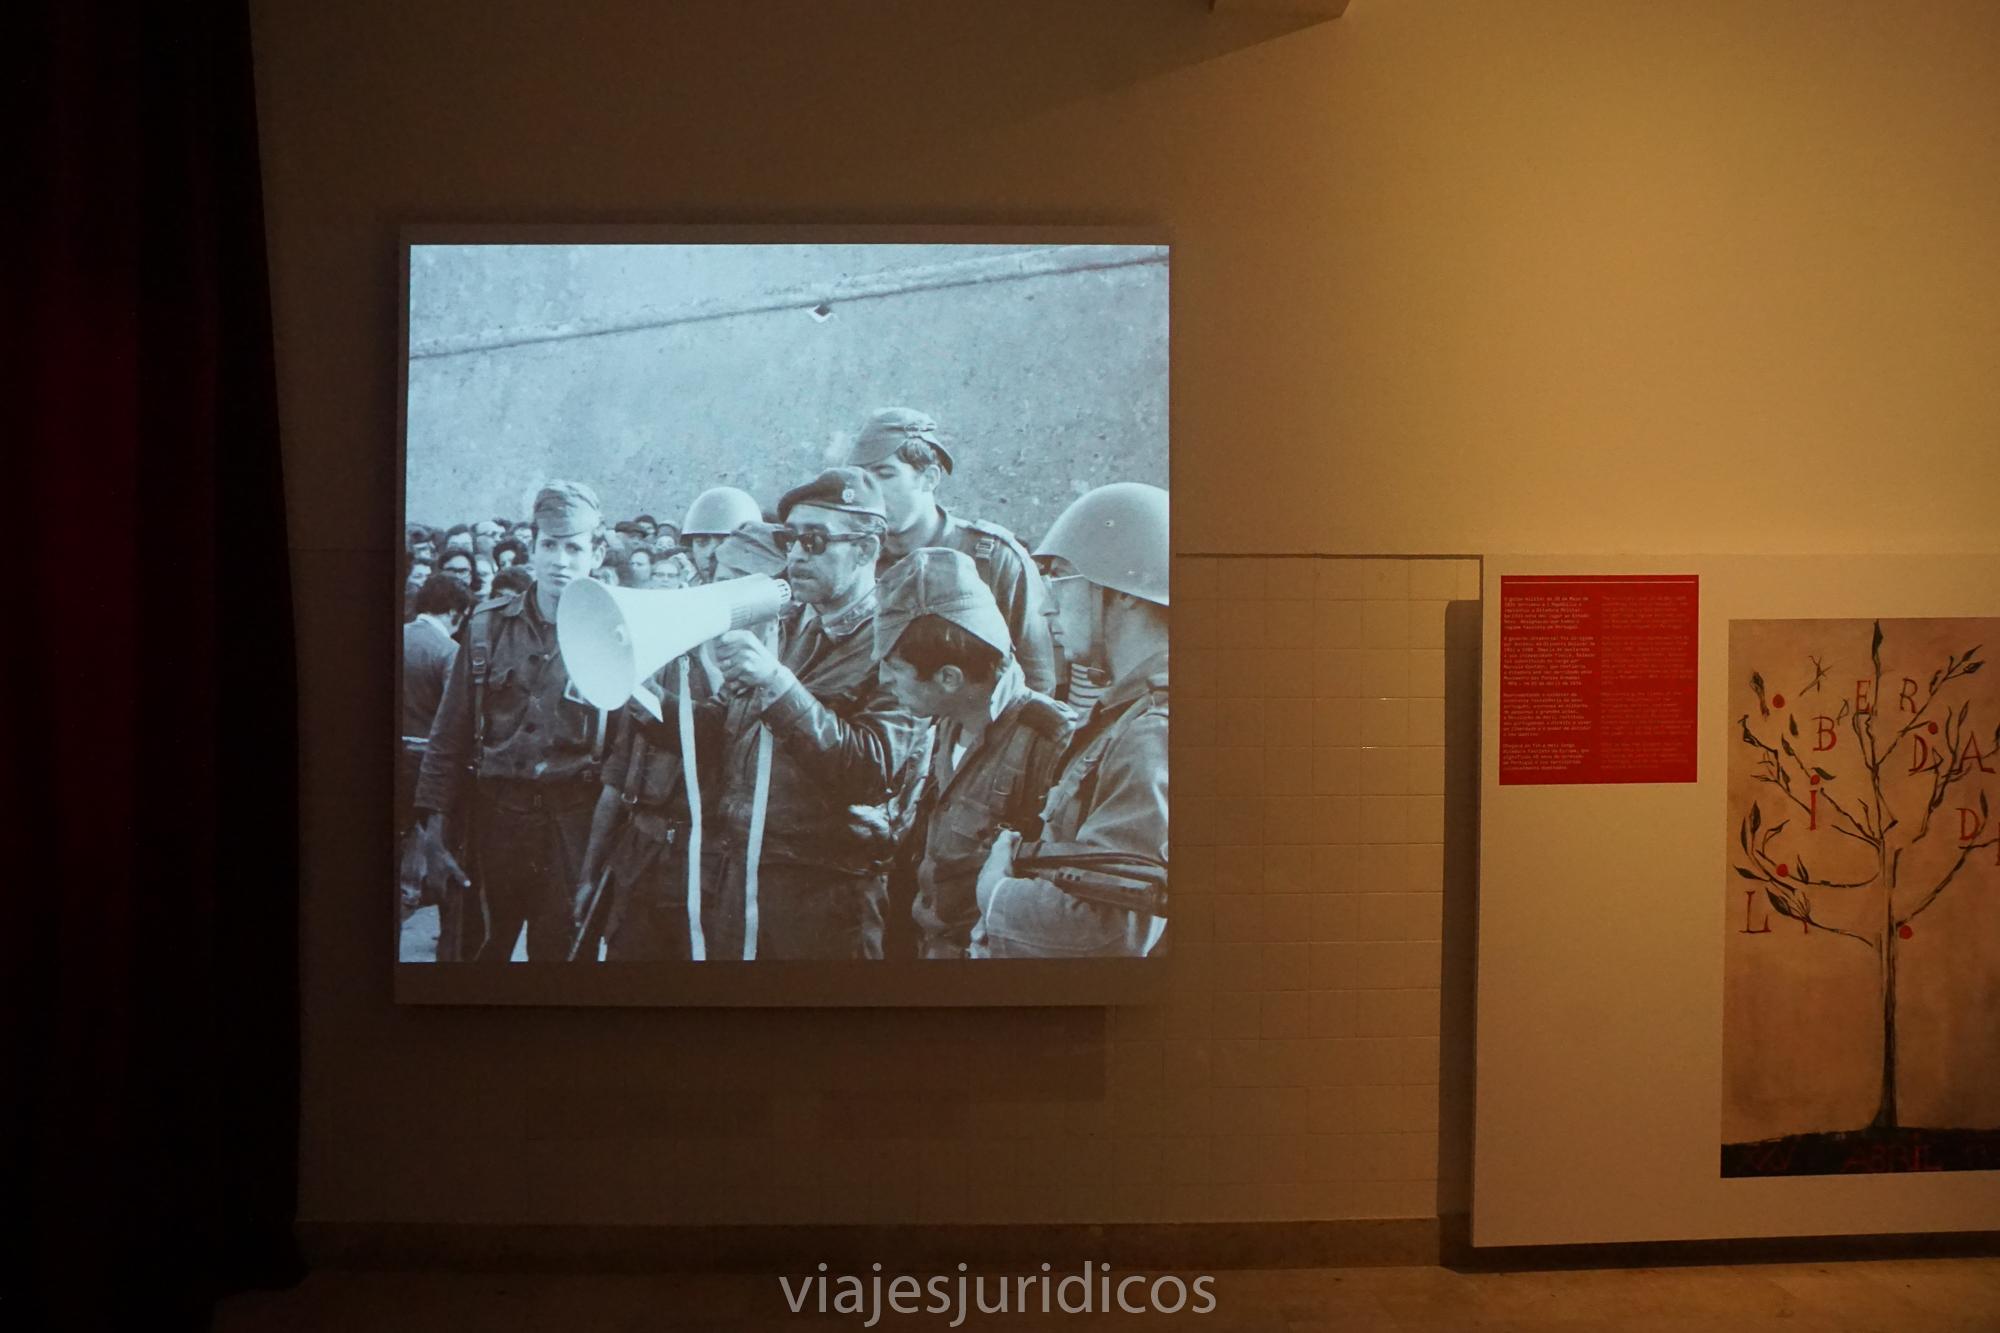 peniche museo de la resistencia y libertad